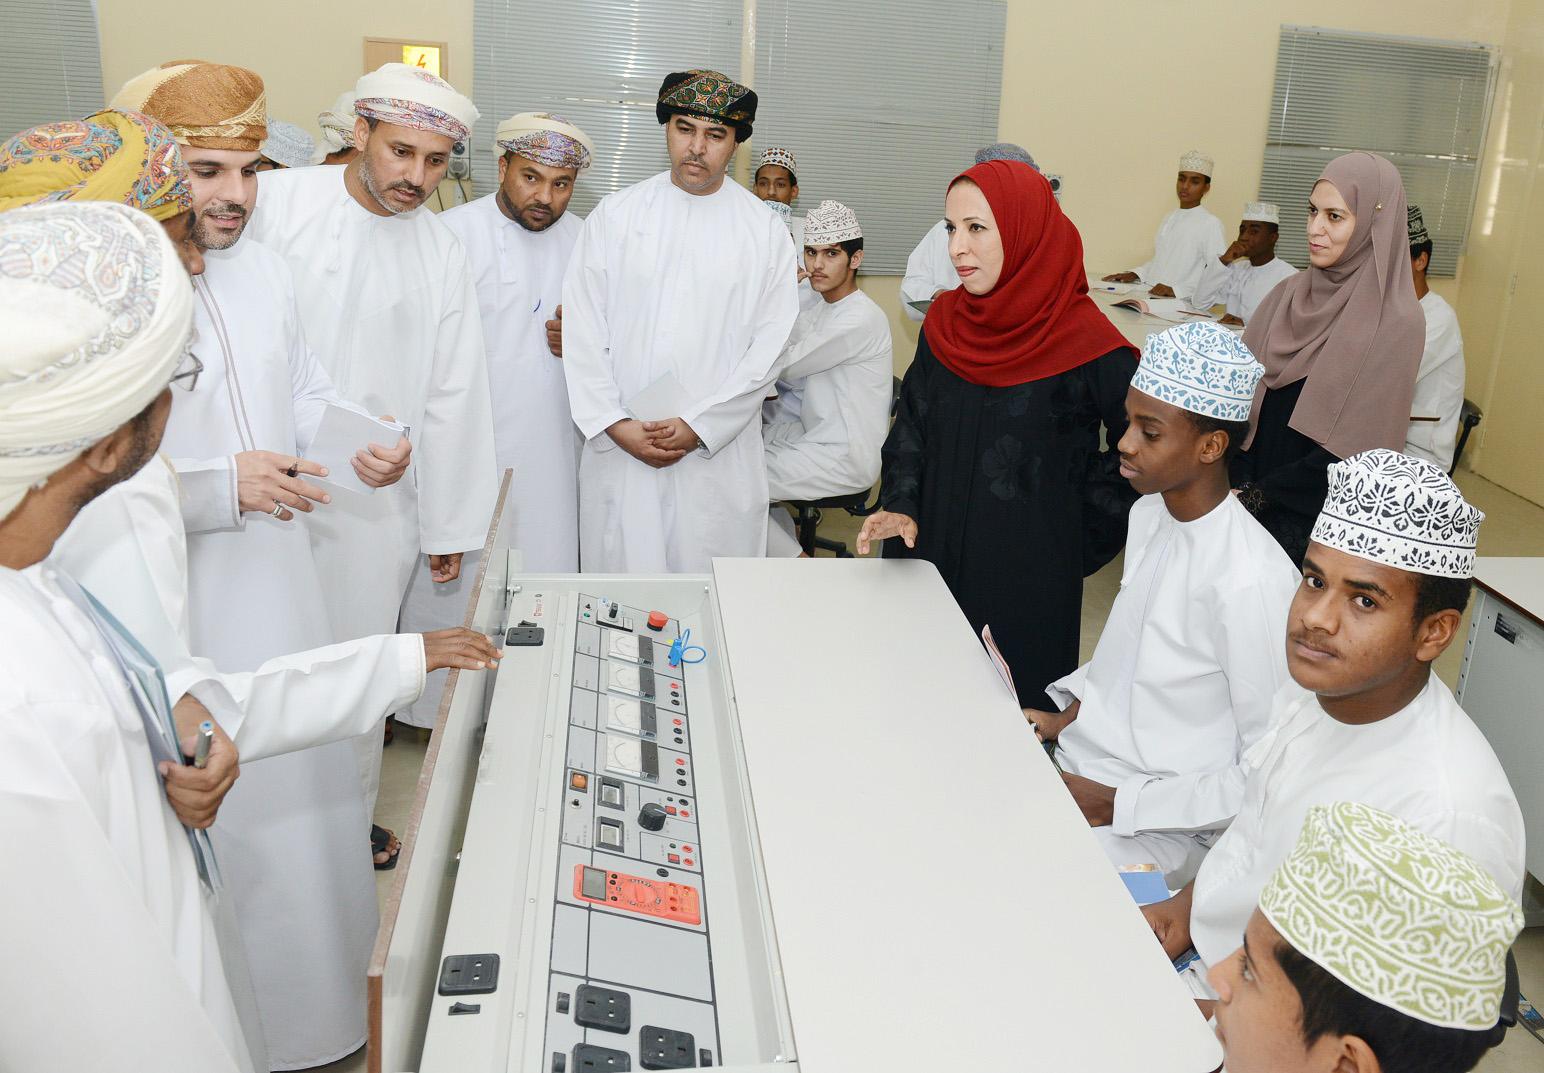 وزيرة التربية والتعليم تختتم زيارتها لمدارس محافظة جنوب الشرقية